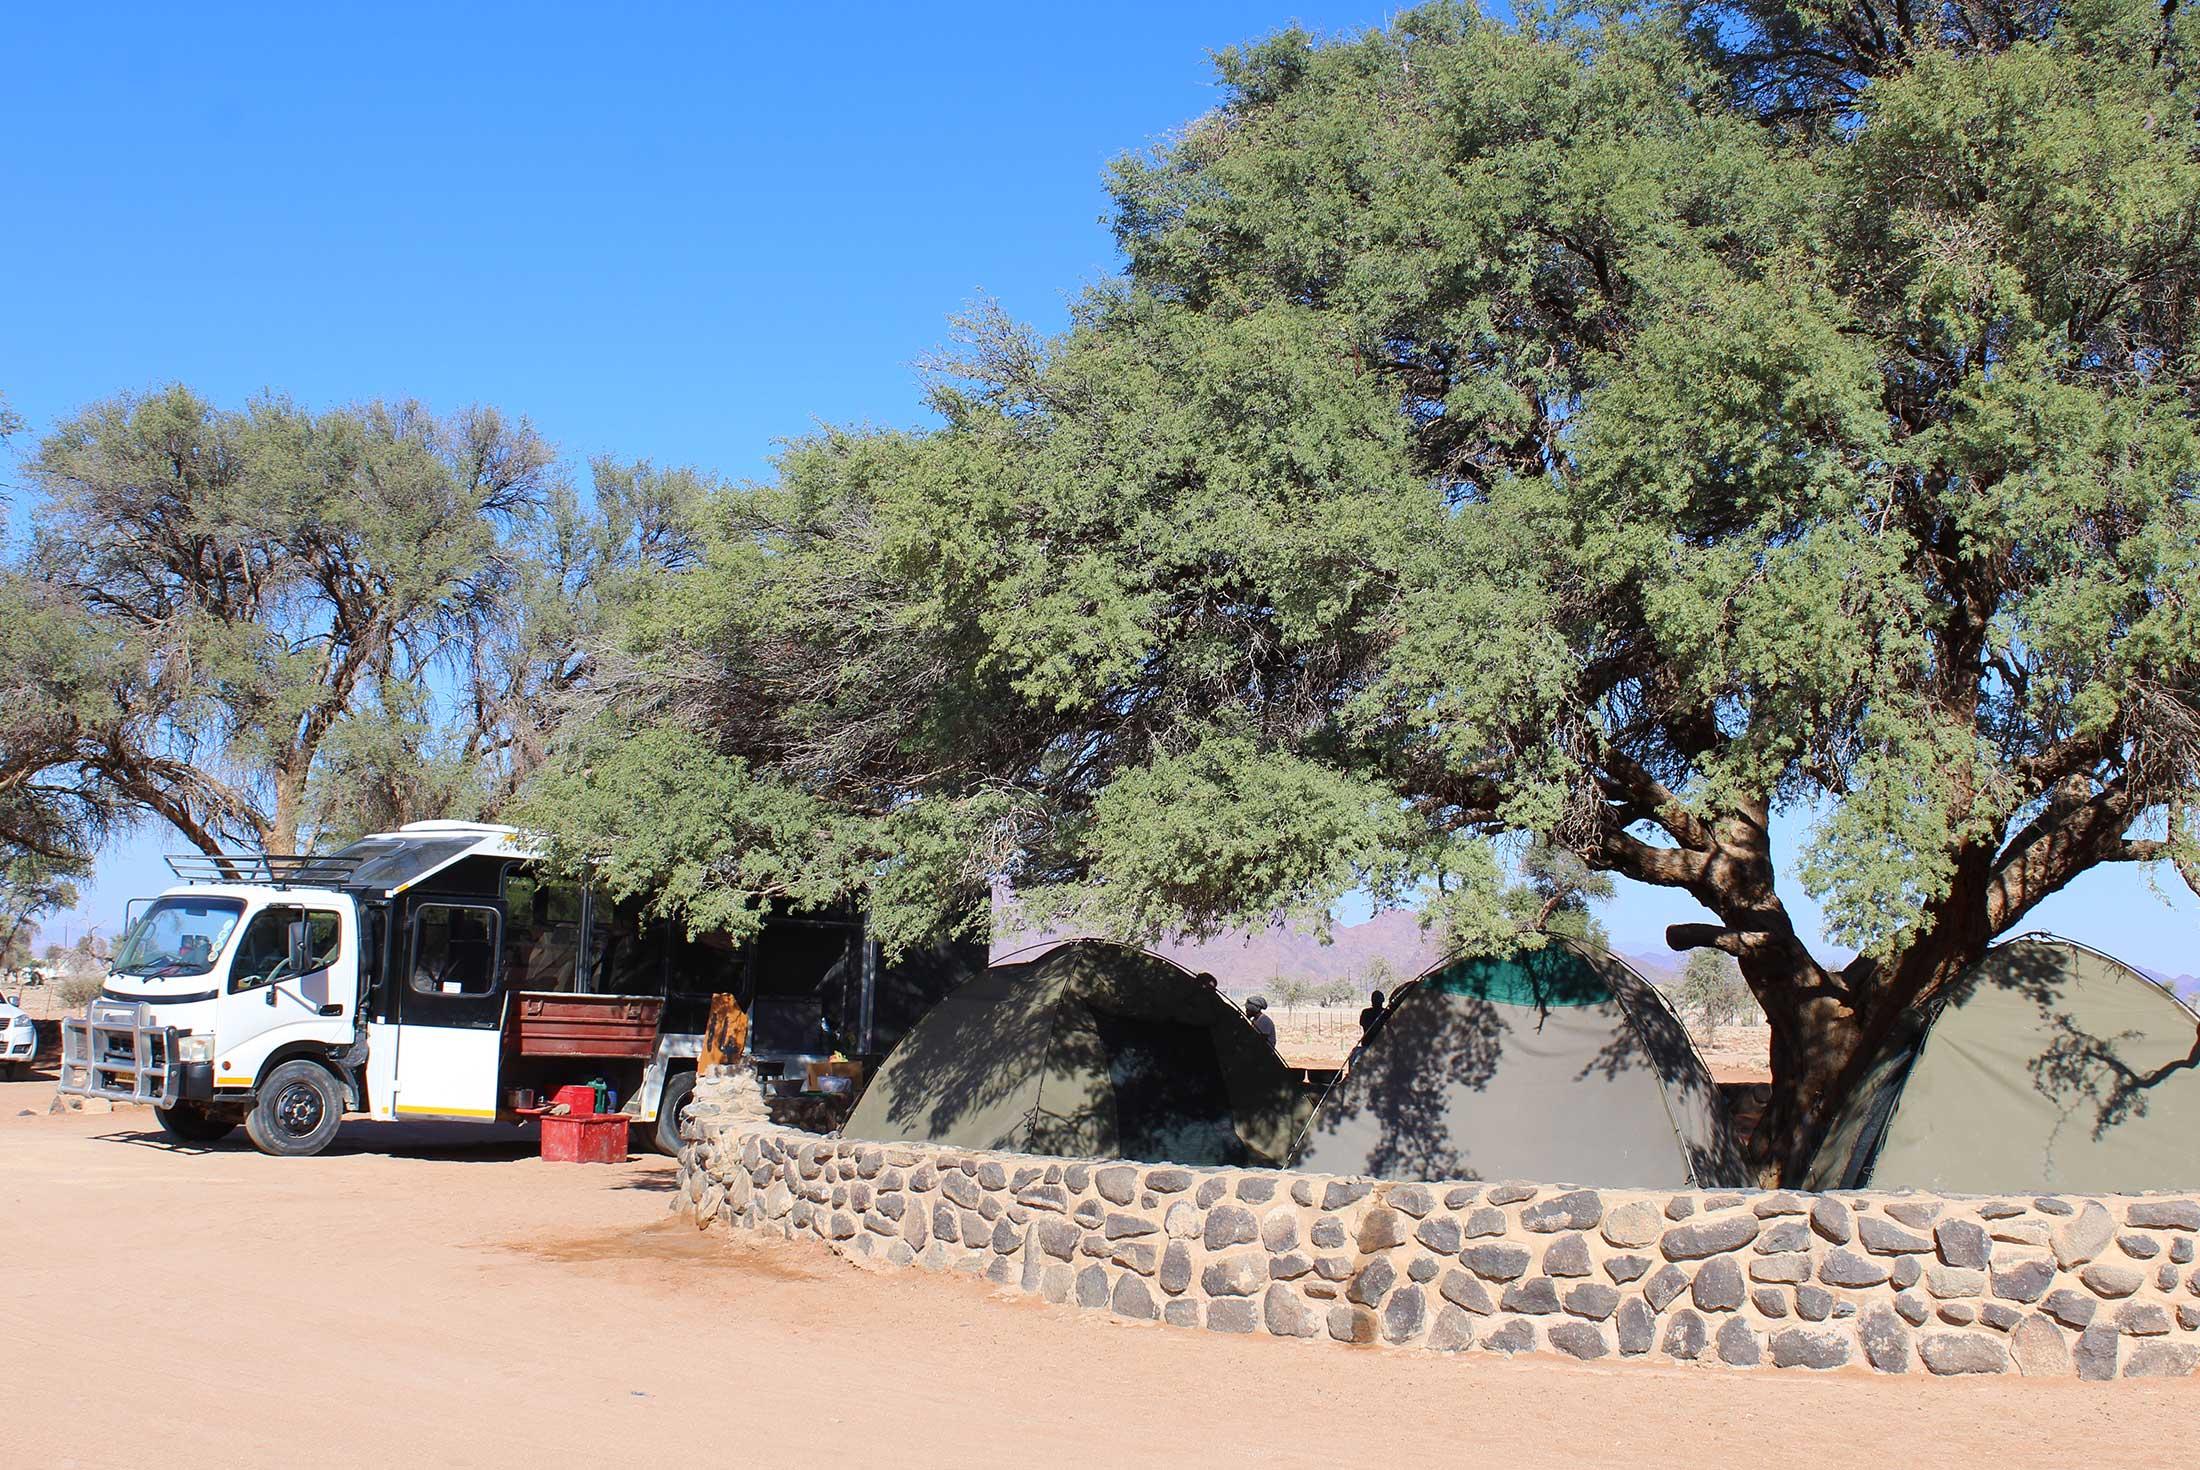 Namibia Dunes - Camping 3